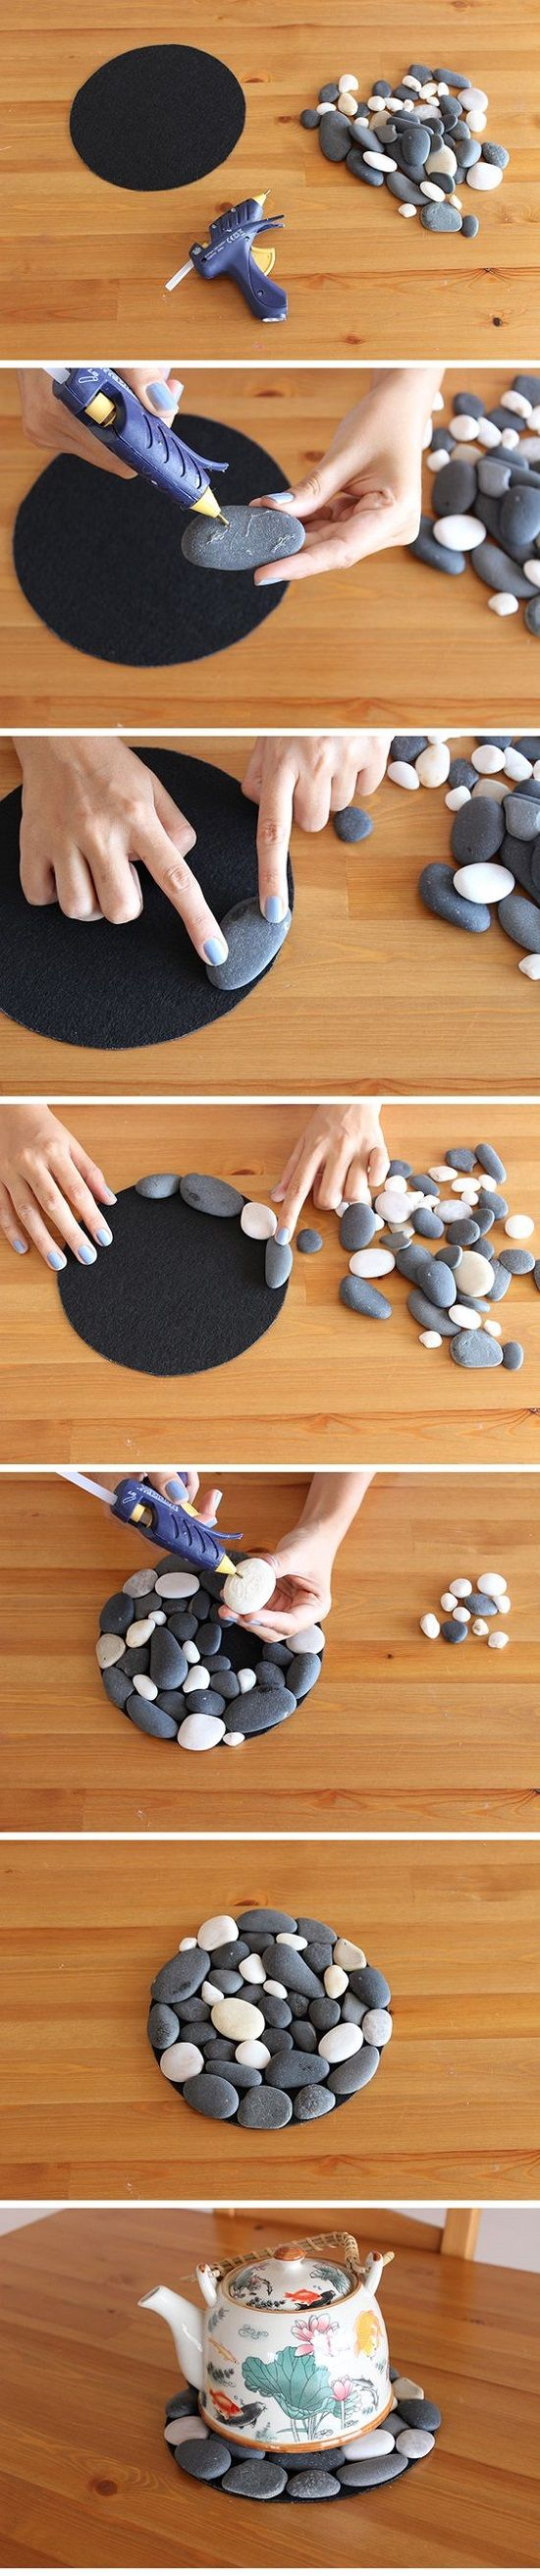 массажный коврик из камней